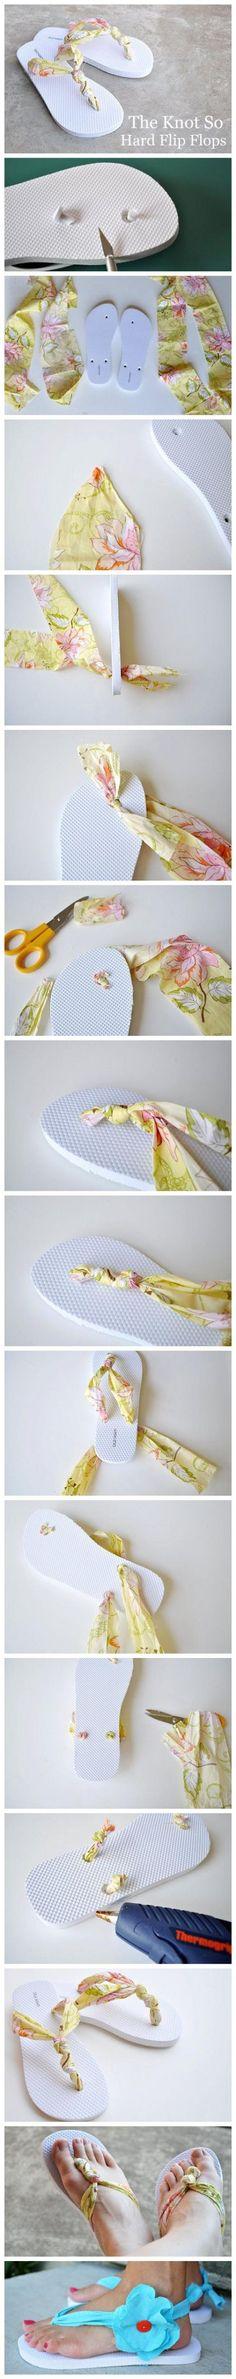 super leuk idee om saaie slippers te pimpen